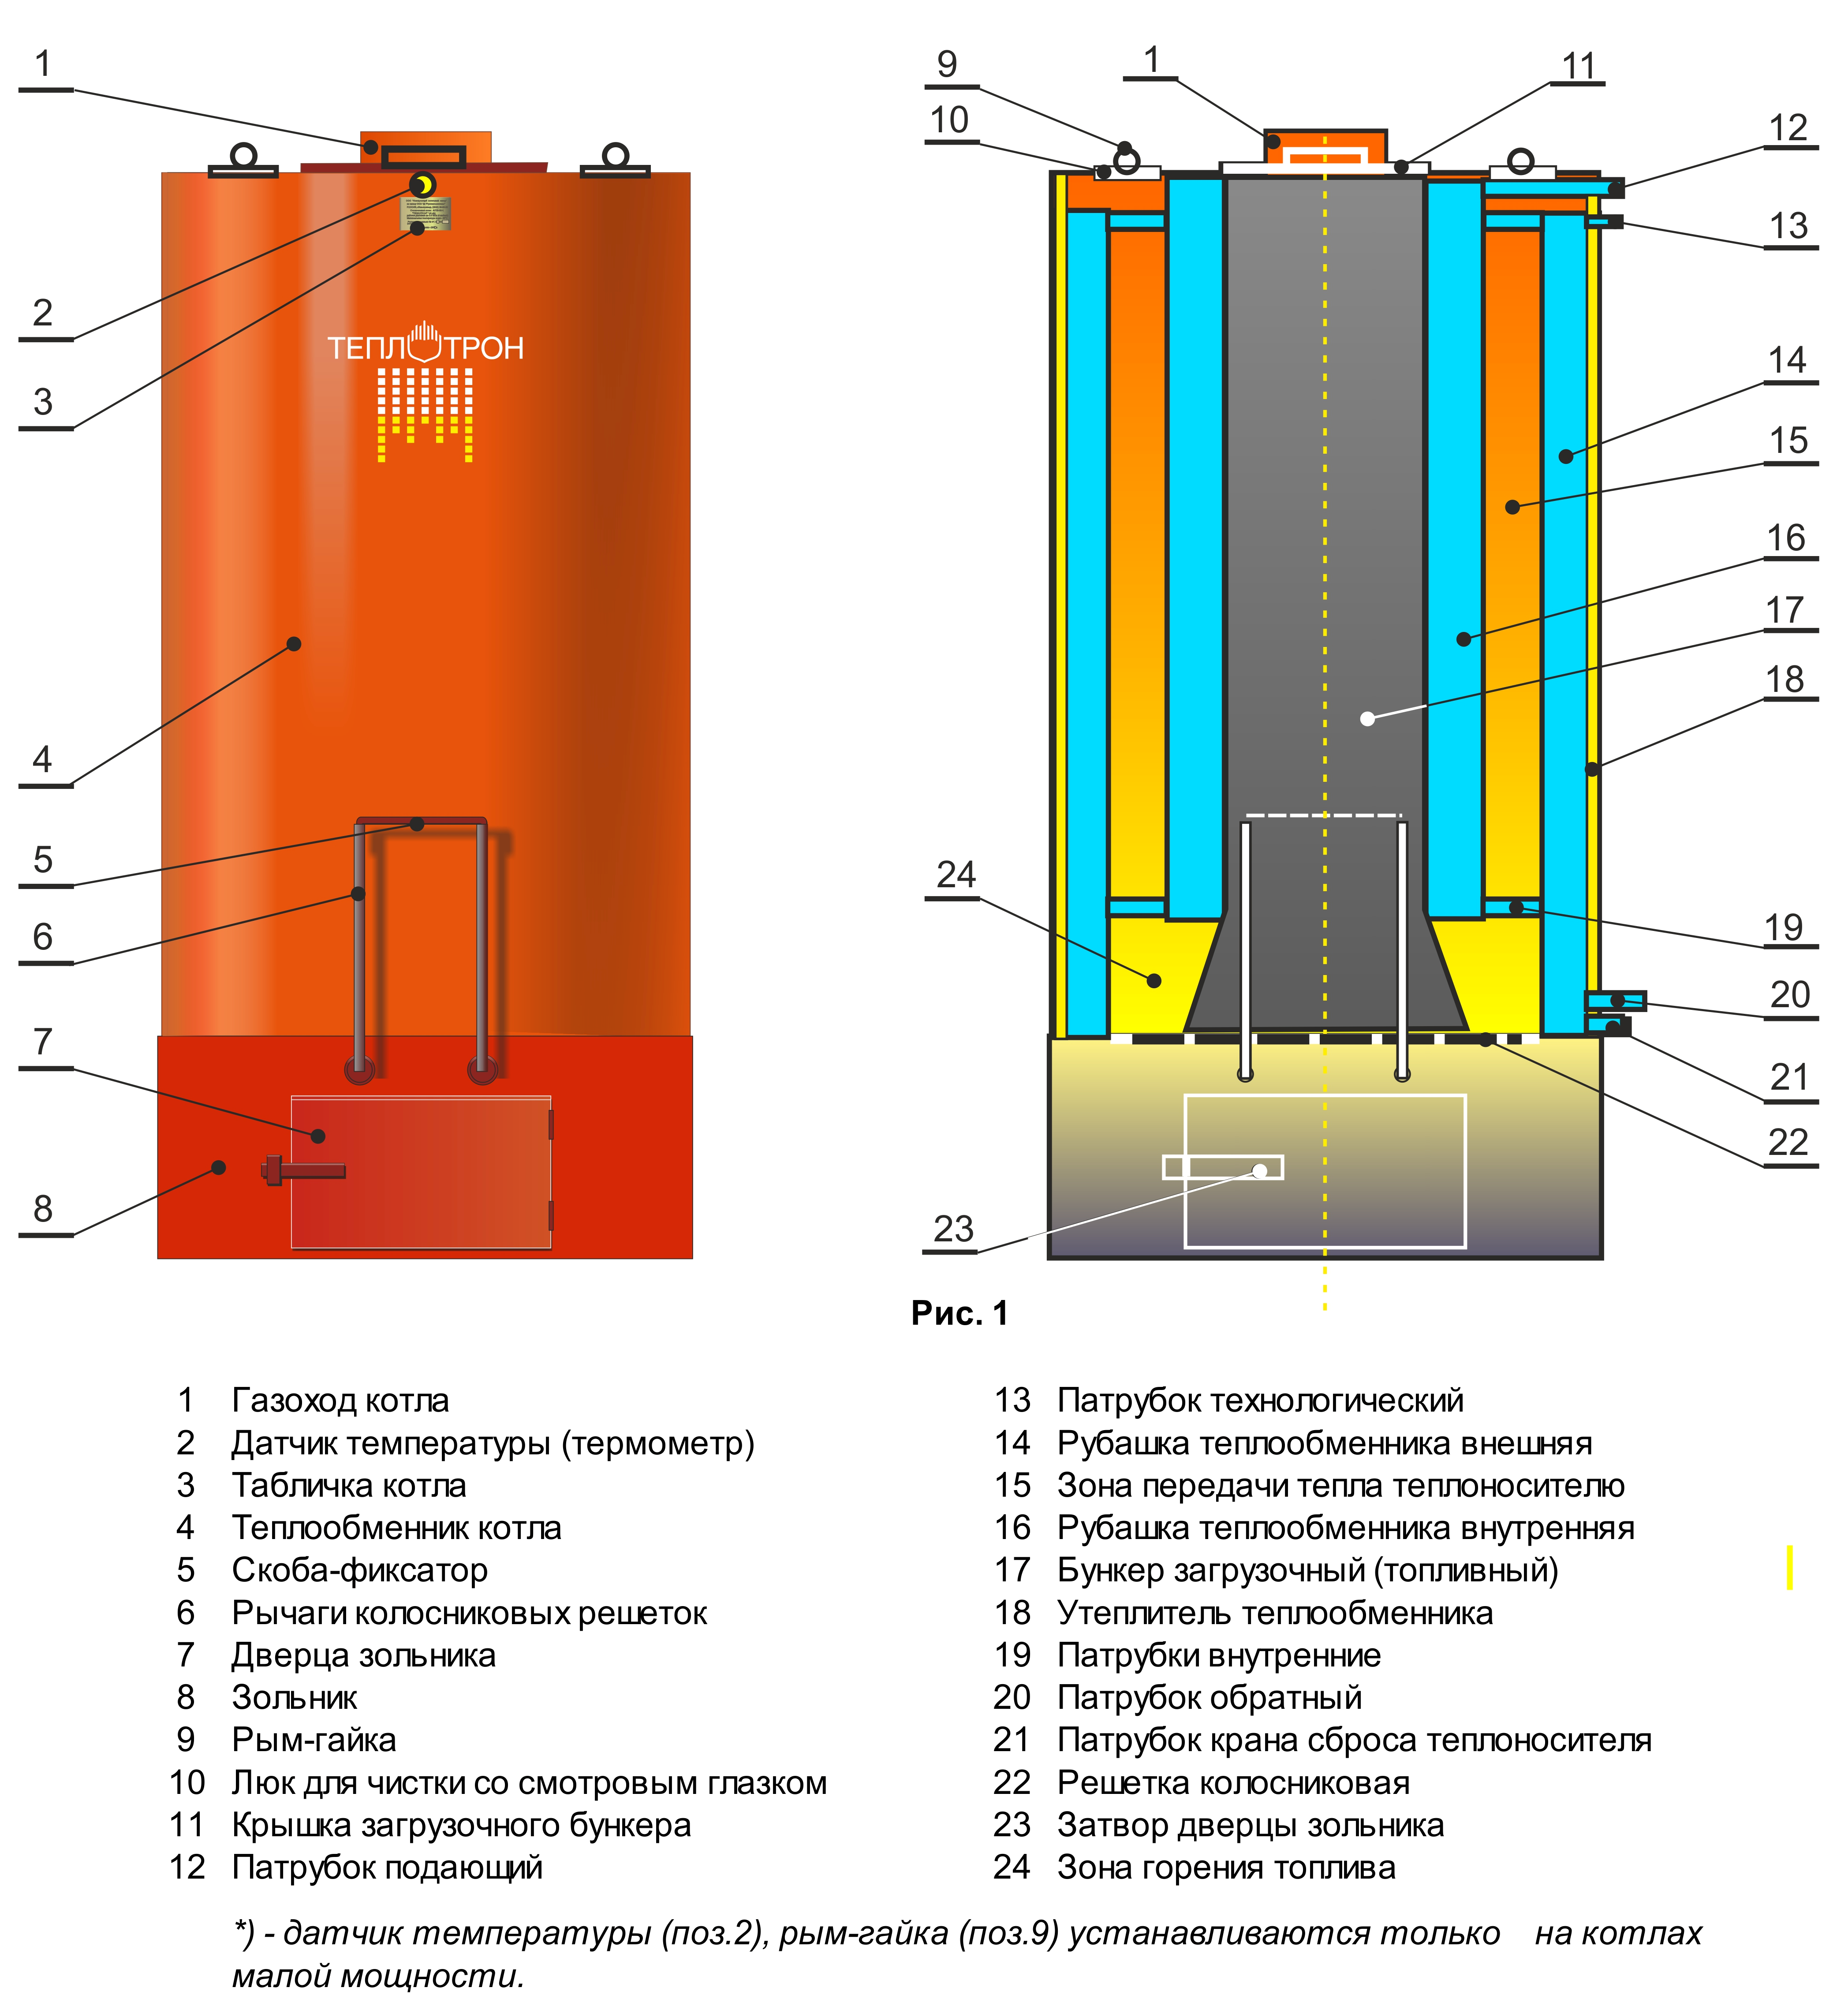 Как сделать пластинчатый теплообменник для пиролизного котла своими руками теплообменник пластинчатый gld 03 m 4 p 88